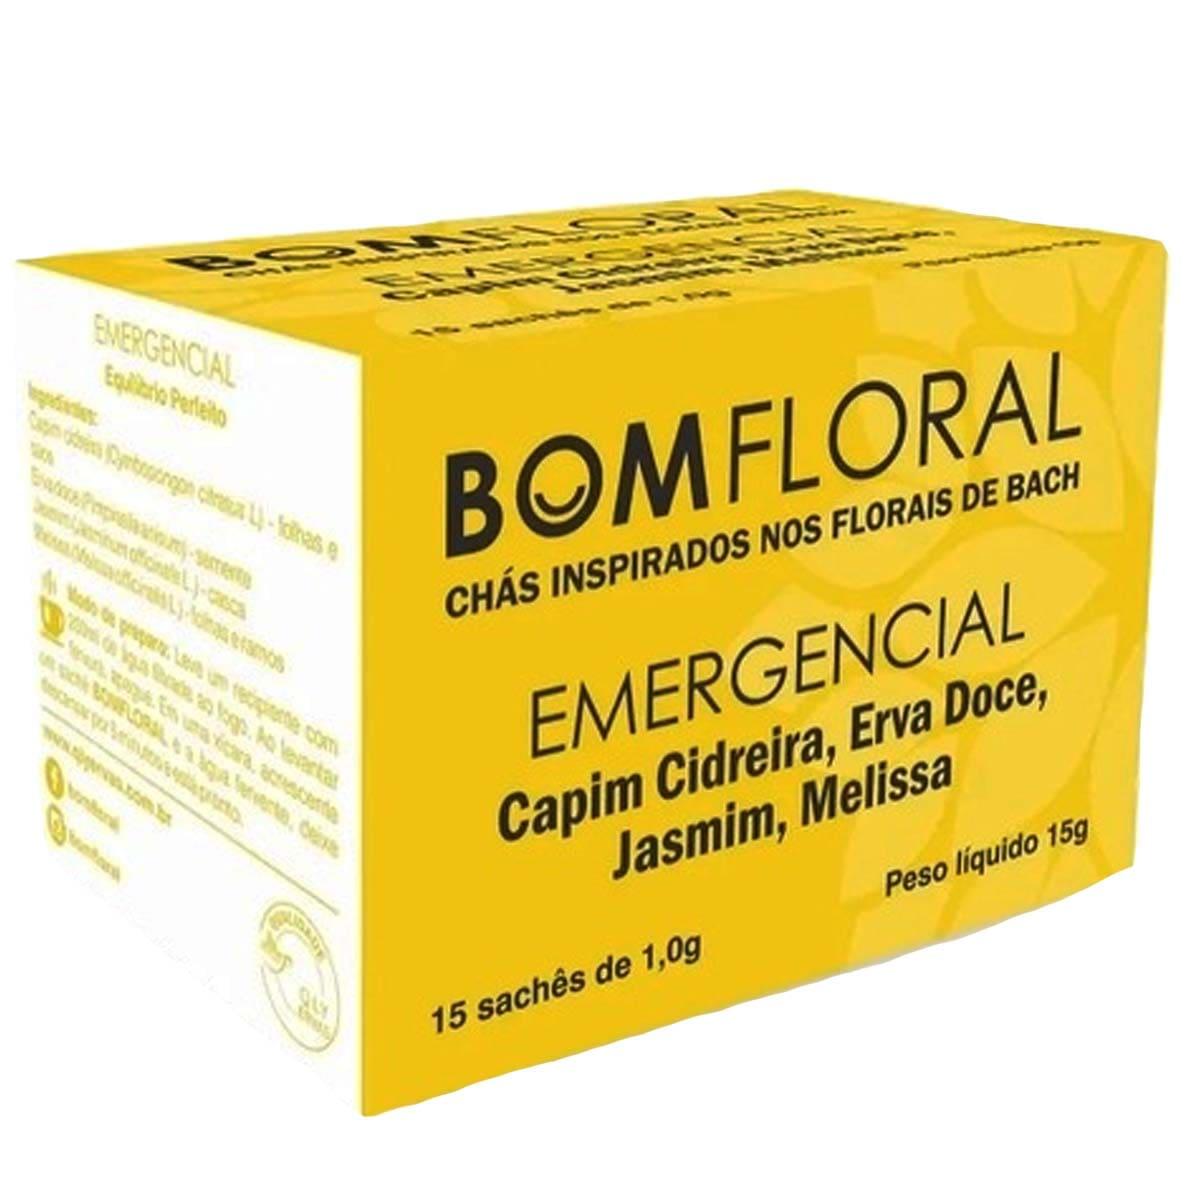 Bom floral emergencial 15 sachês - Qualy ervas